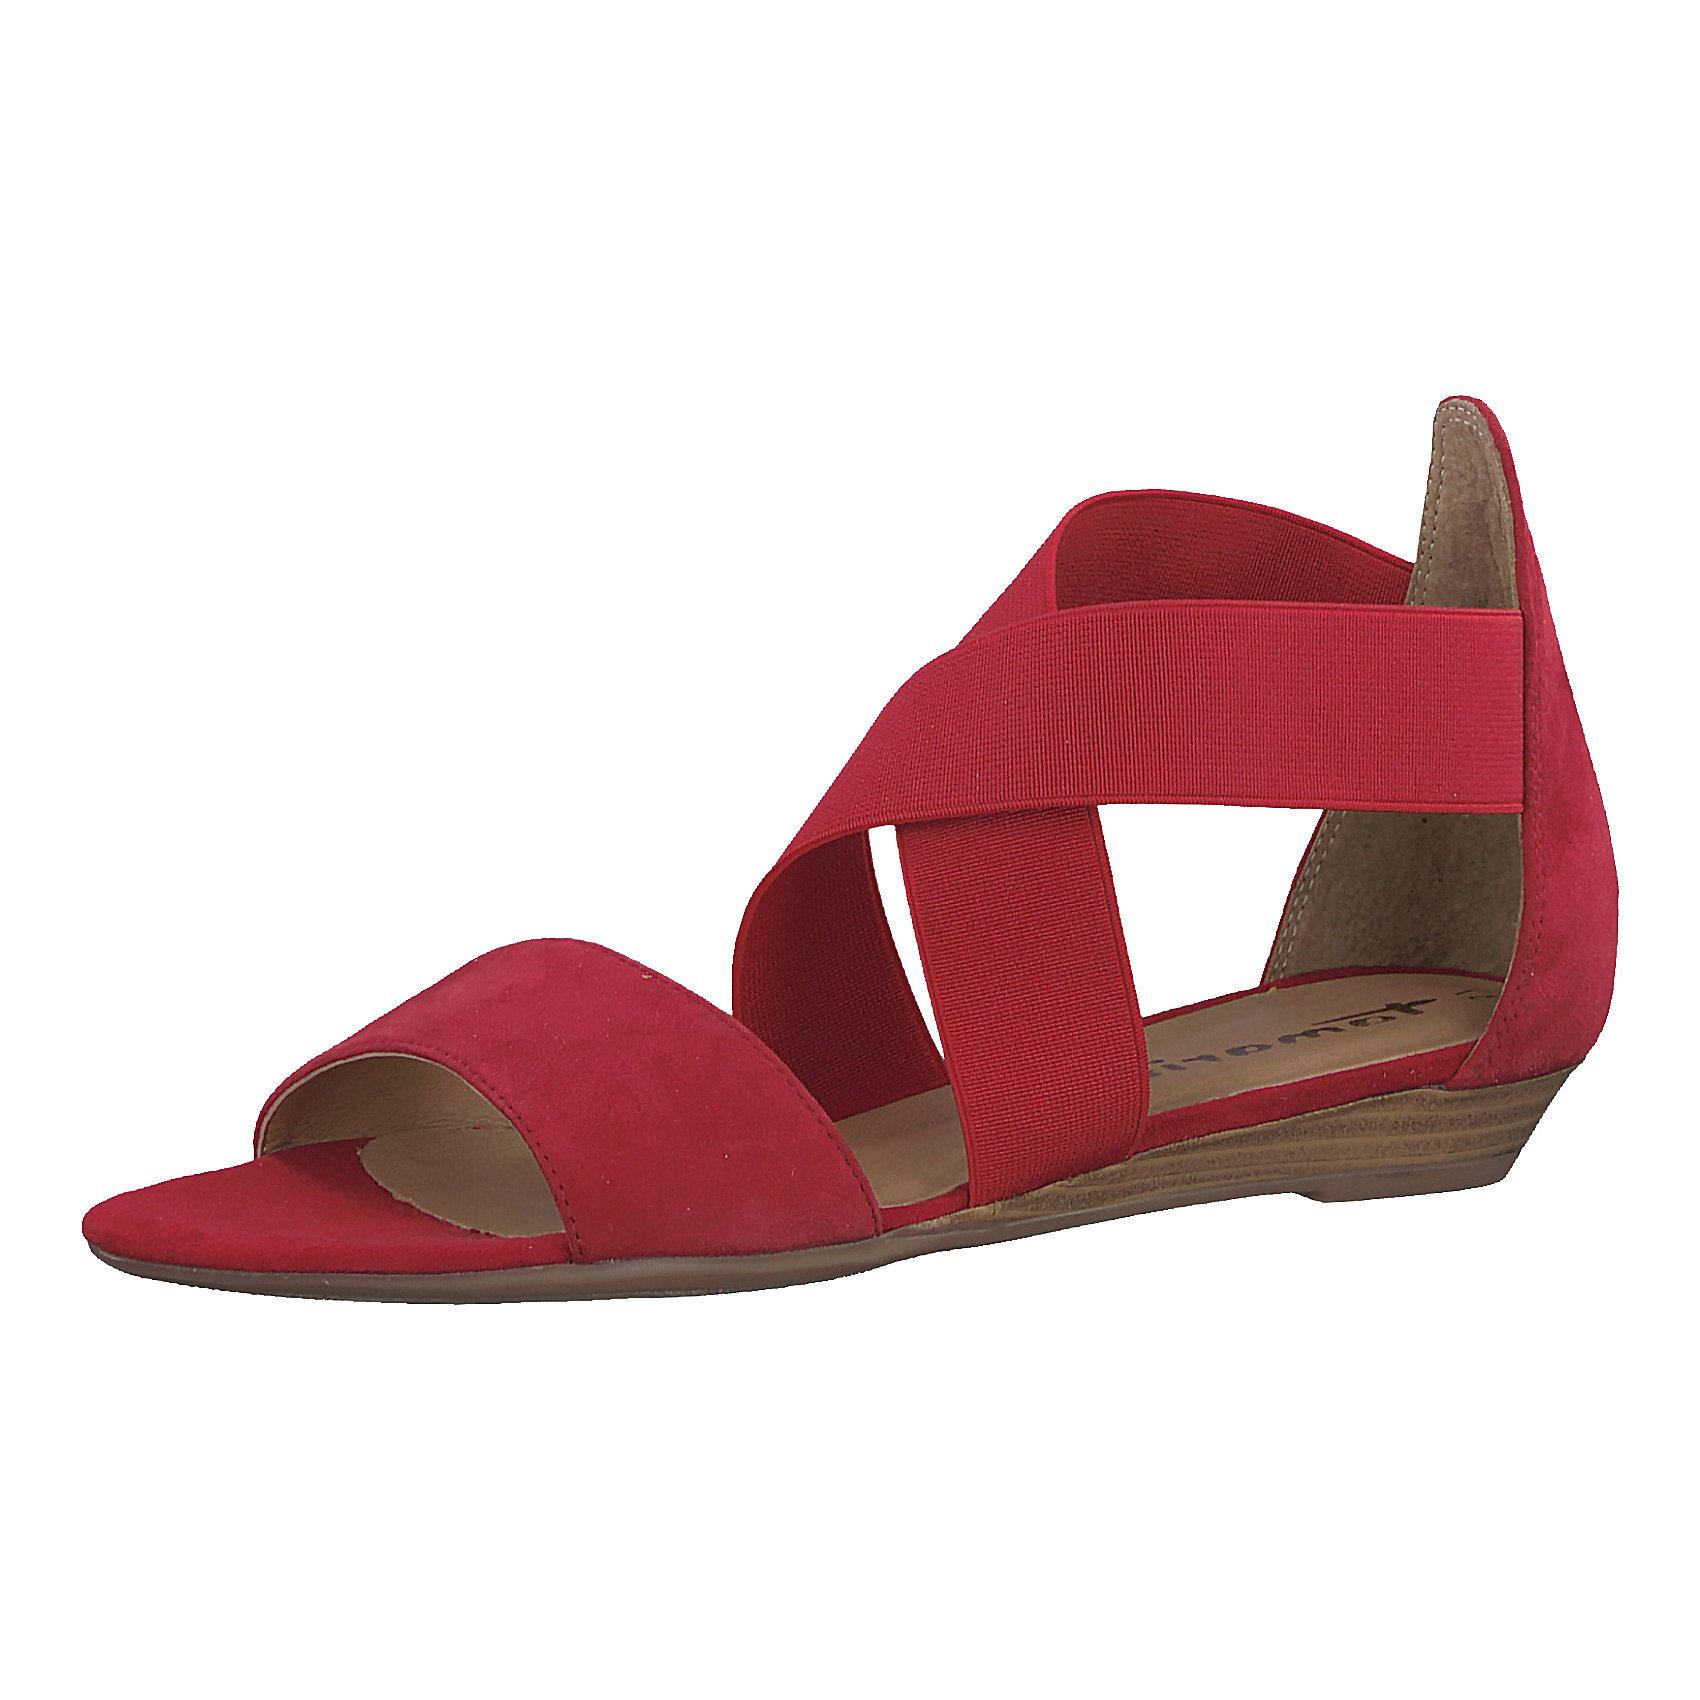 Tamaris Klassische Sandalen, schwarz, schwarz